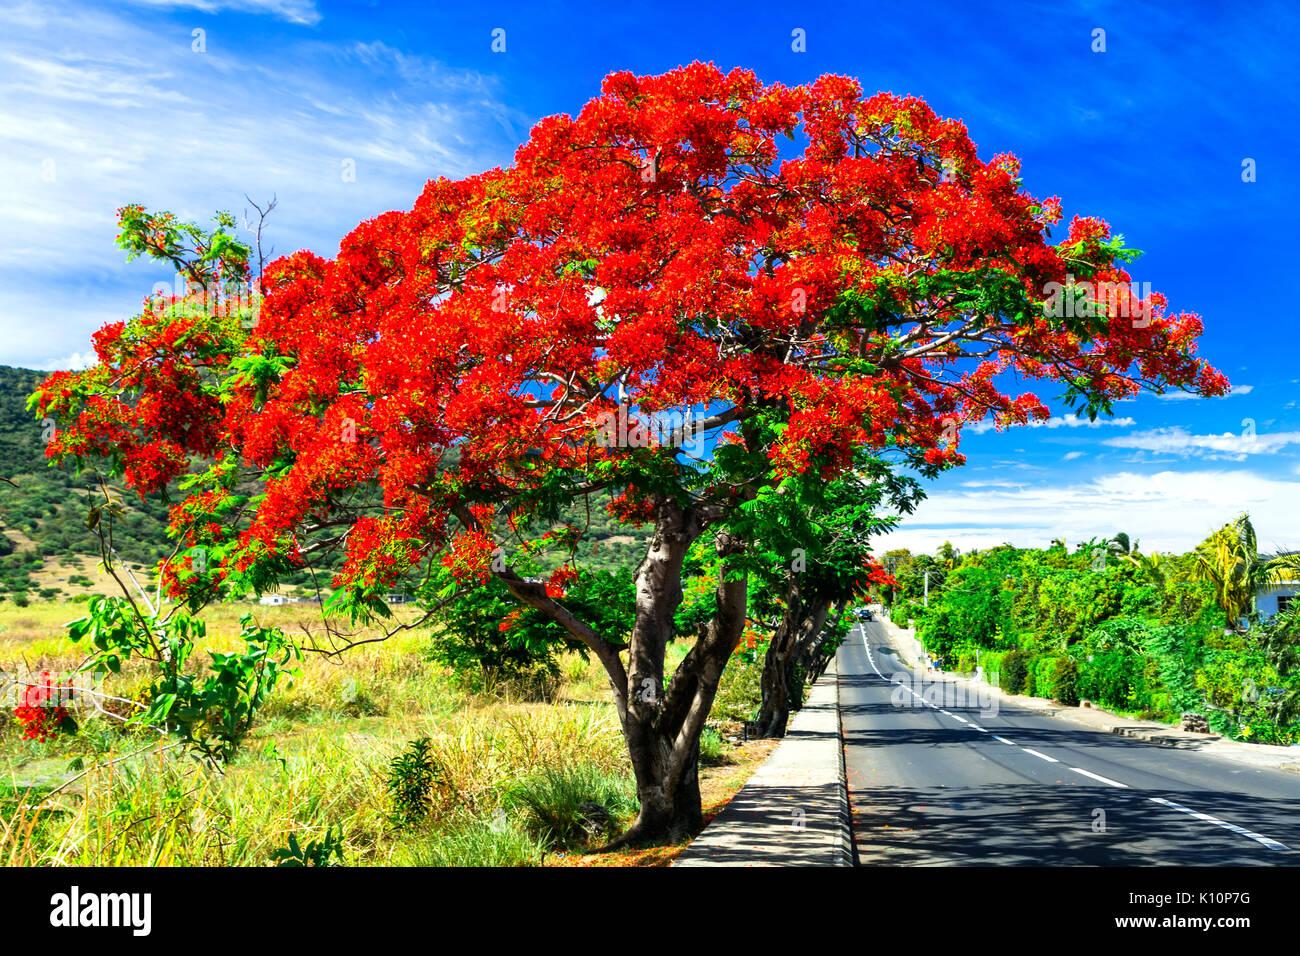 wundersch ner exotischer baum mit roten blumen flamboyant mauritius stockfoto bild 155525428. Black Bedroom Furniture Sets. Home Design Ideas